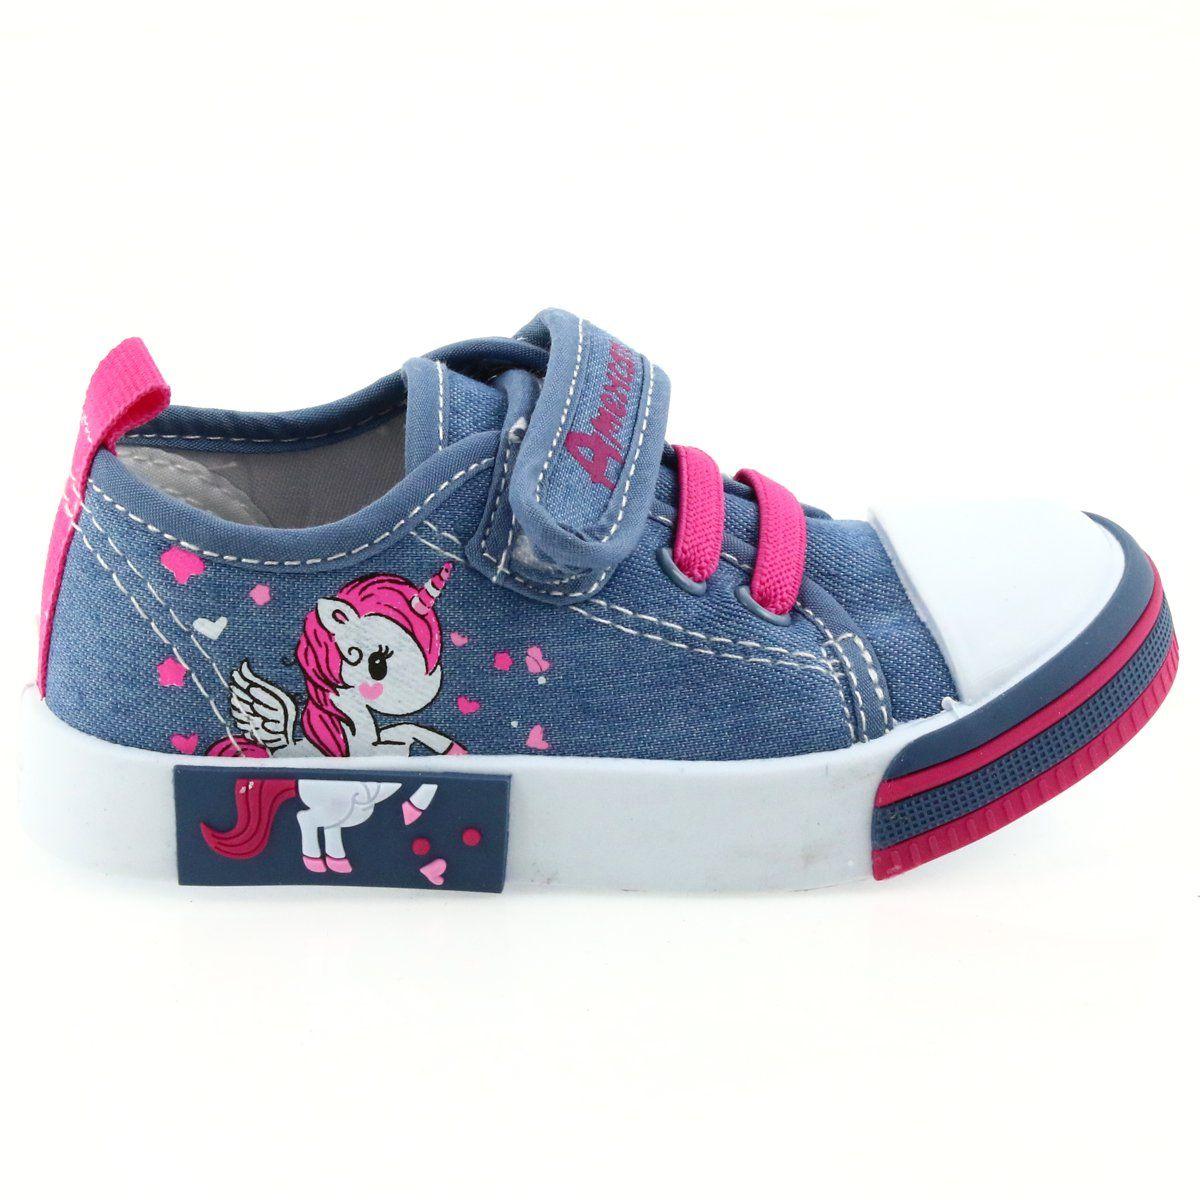 American Club Niebieskie Trampki Dzieciece Na Rzepy 28 19 Rozowe Childrens Sneakers Childrens Shoes Sneakers